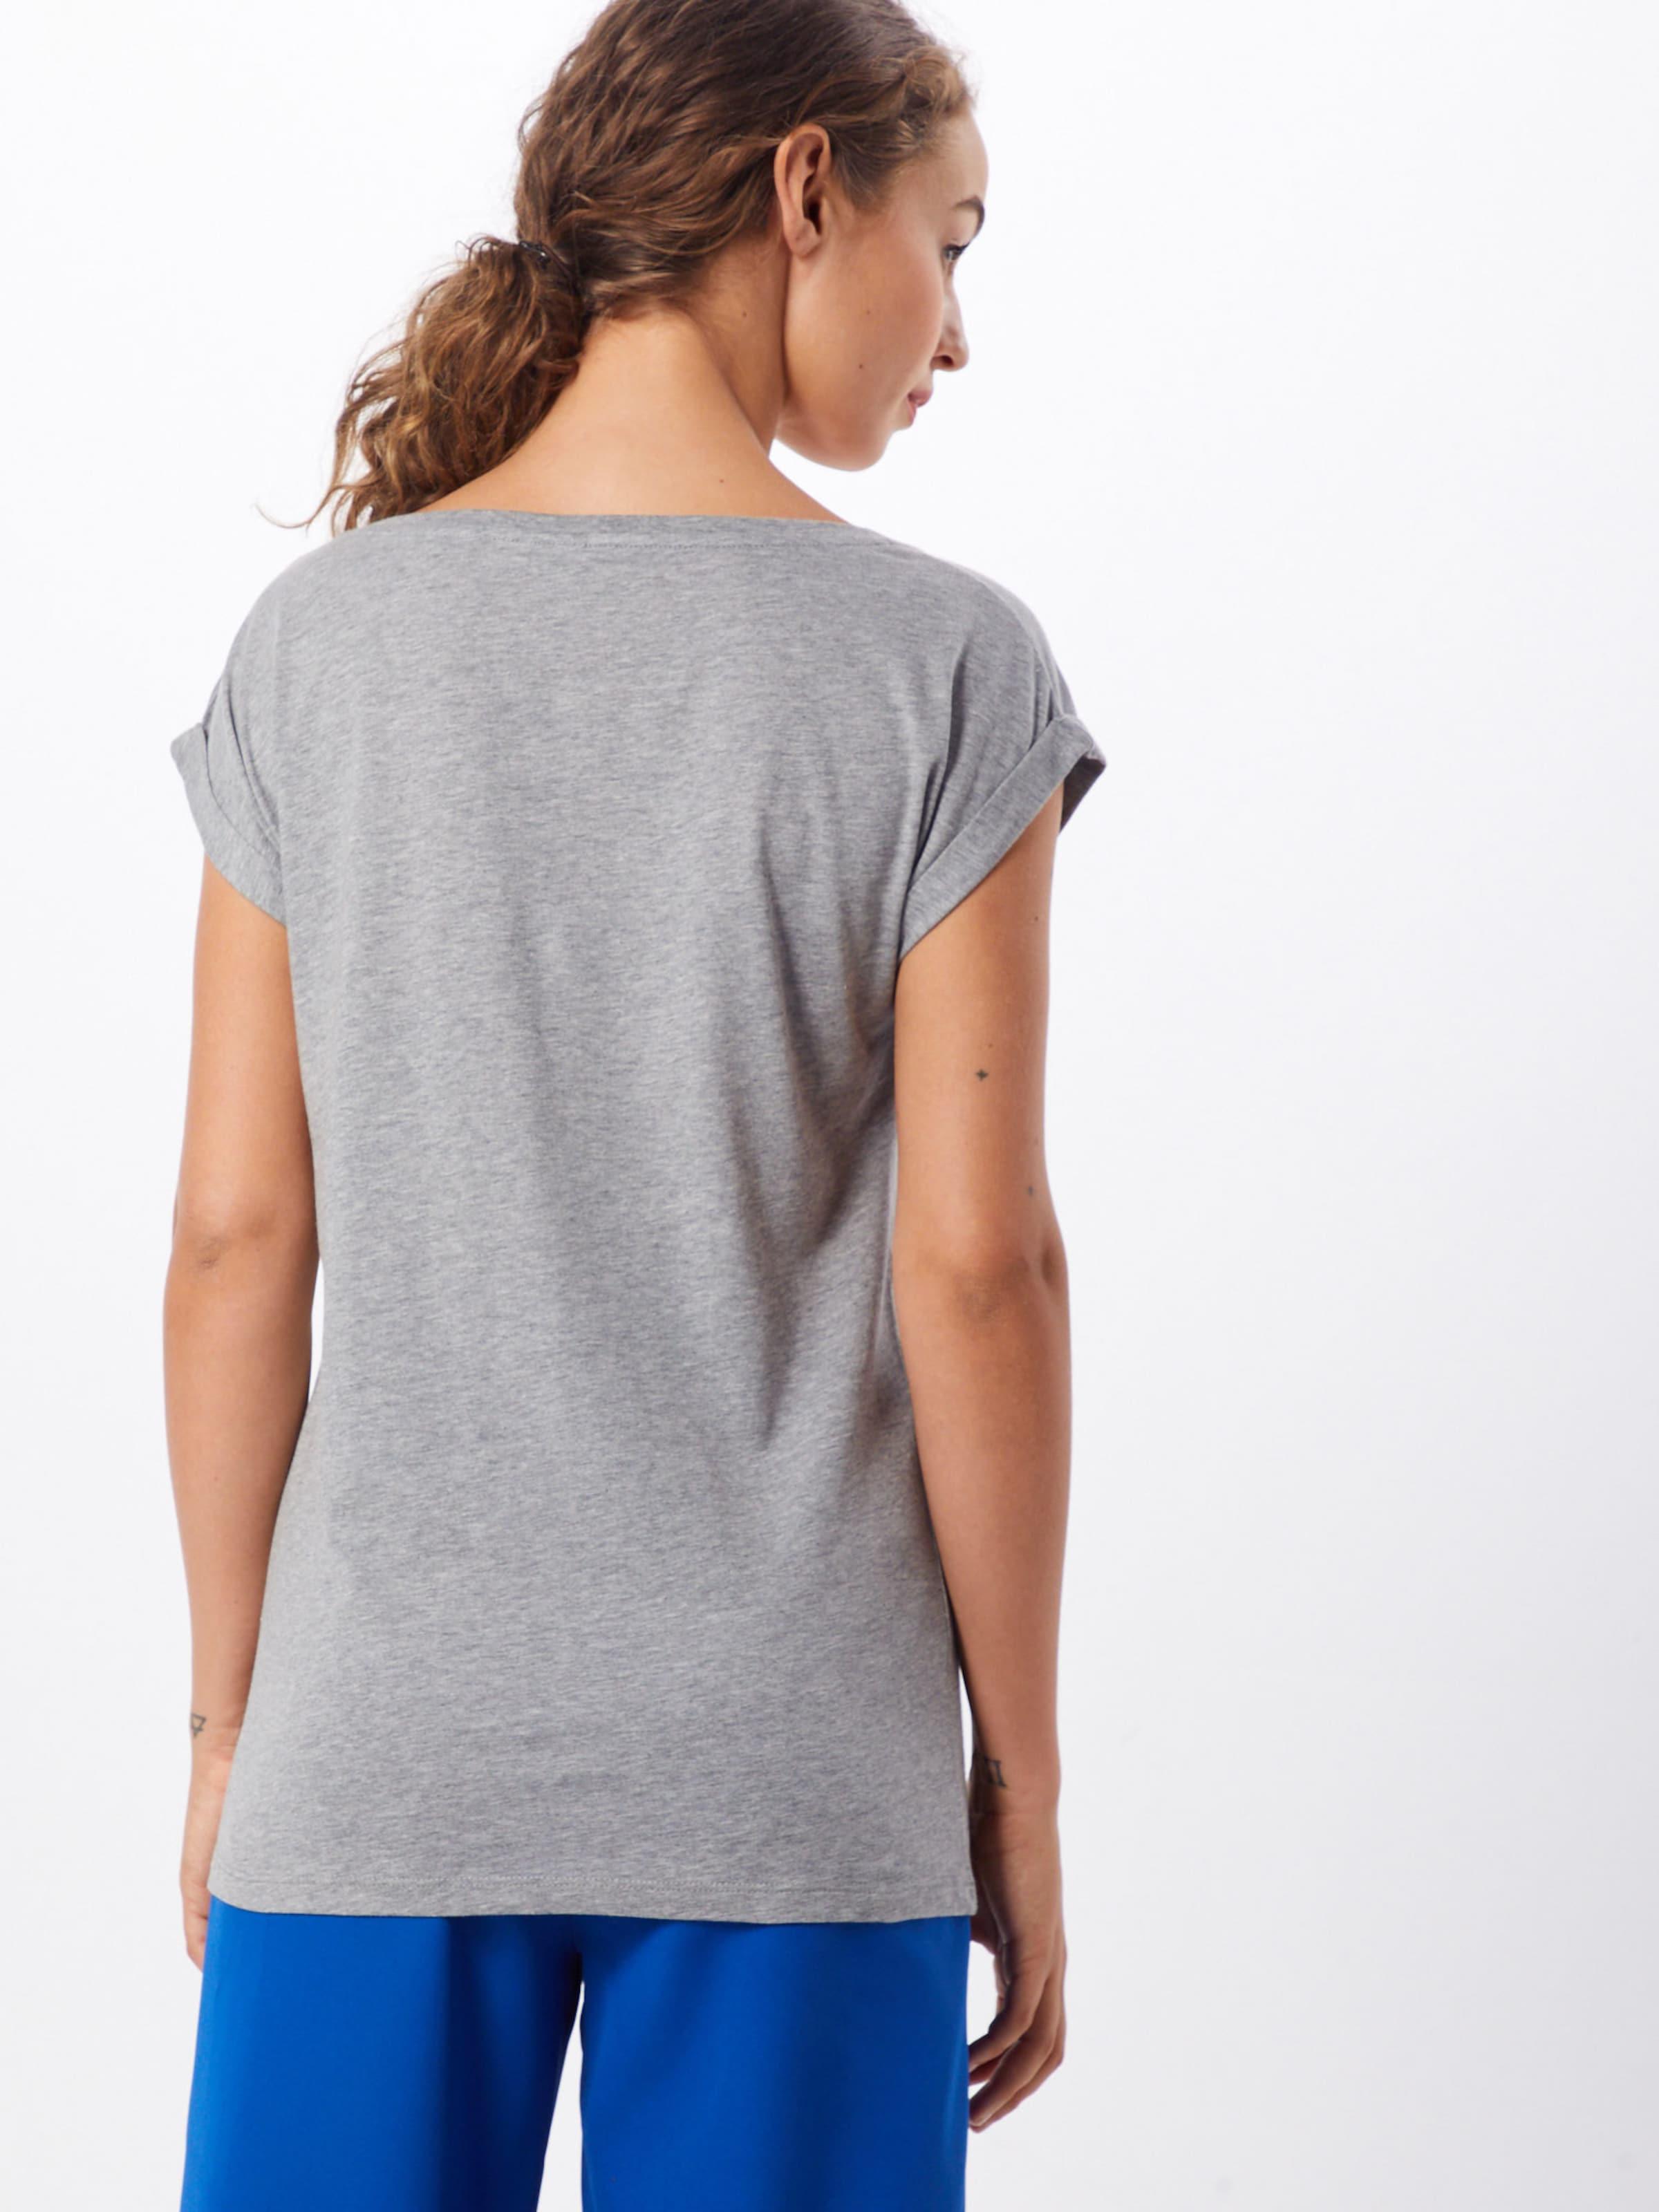 Shirt In Graumeliert Tee' Iriedaily 'pingulax zpSUMV